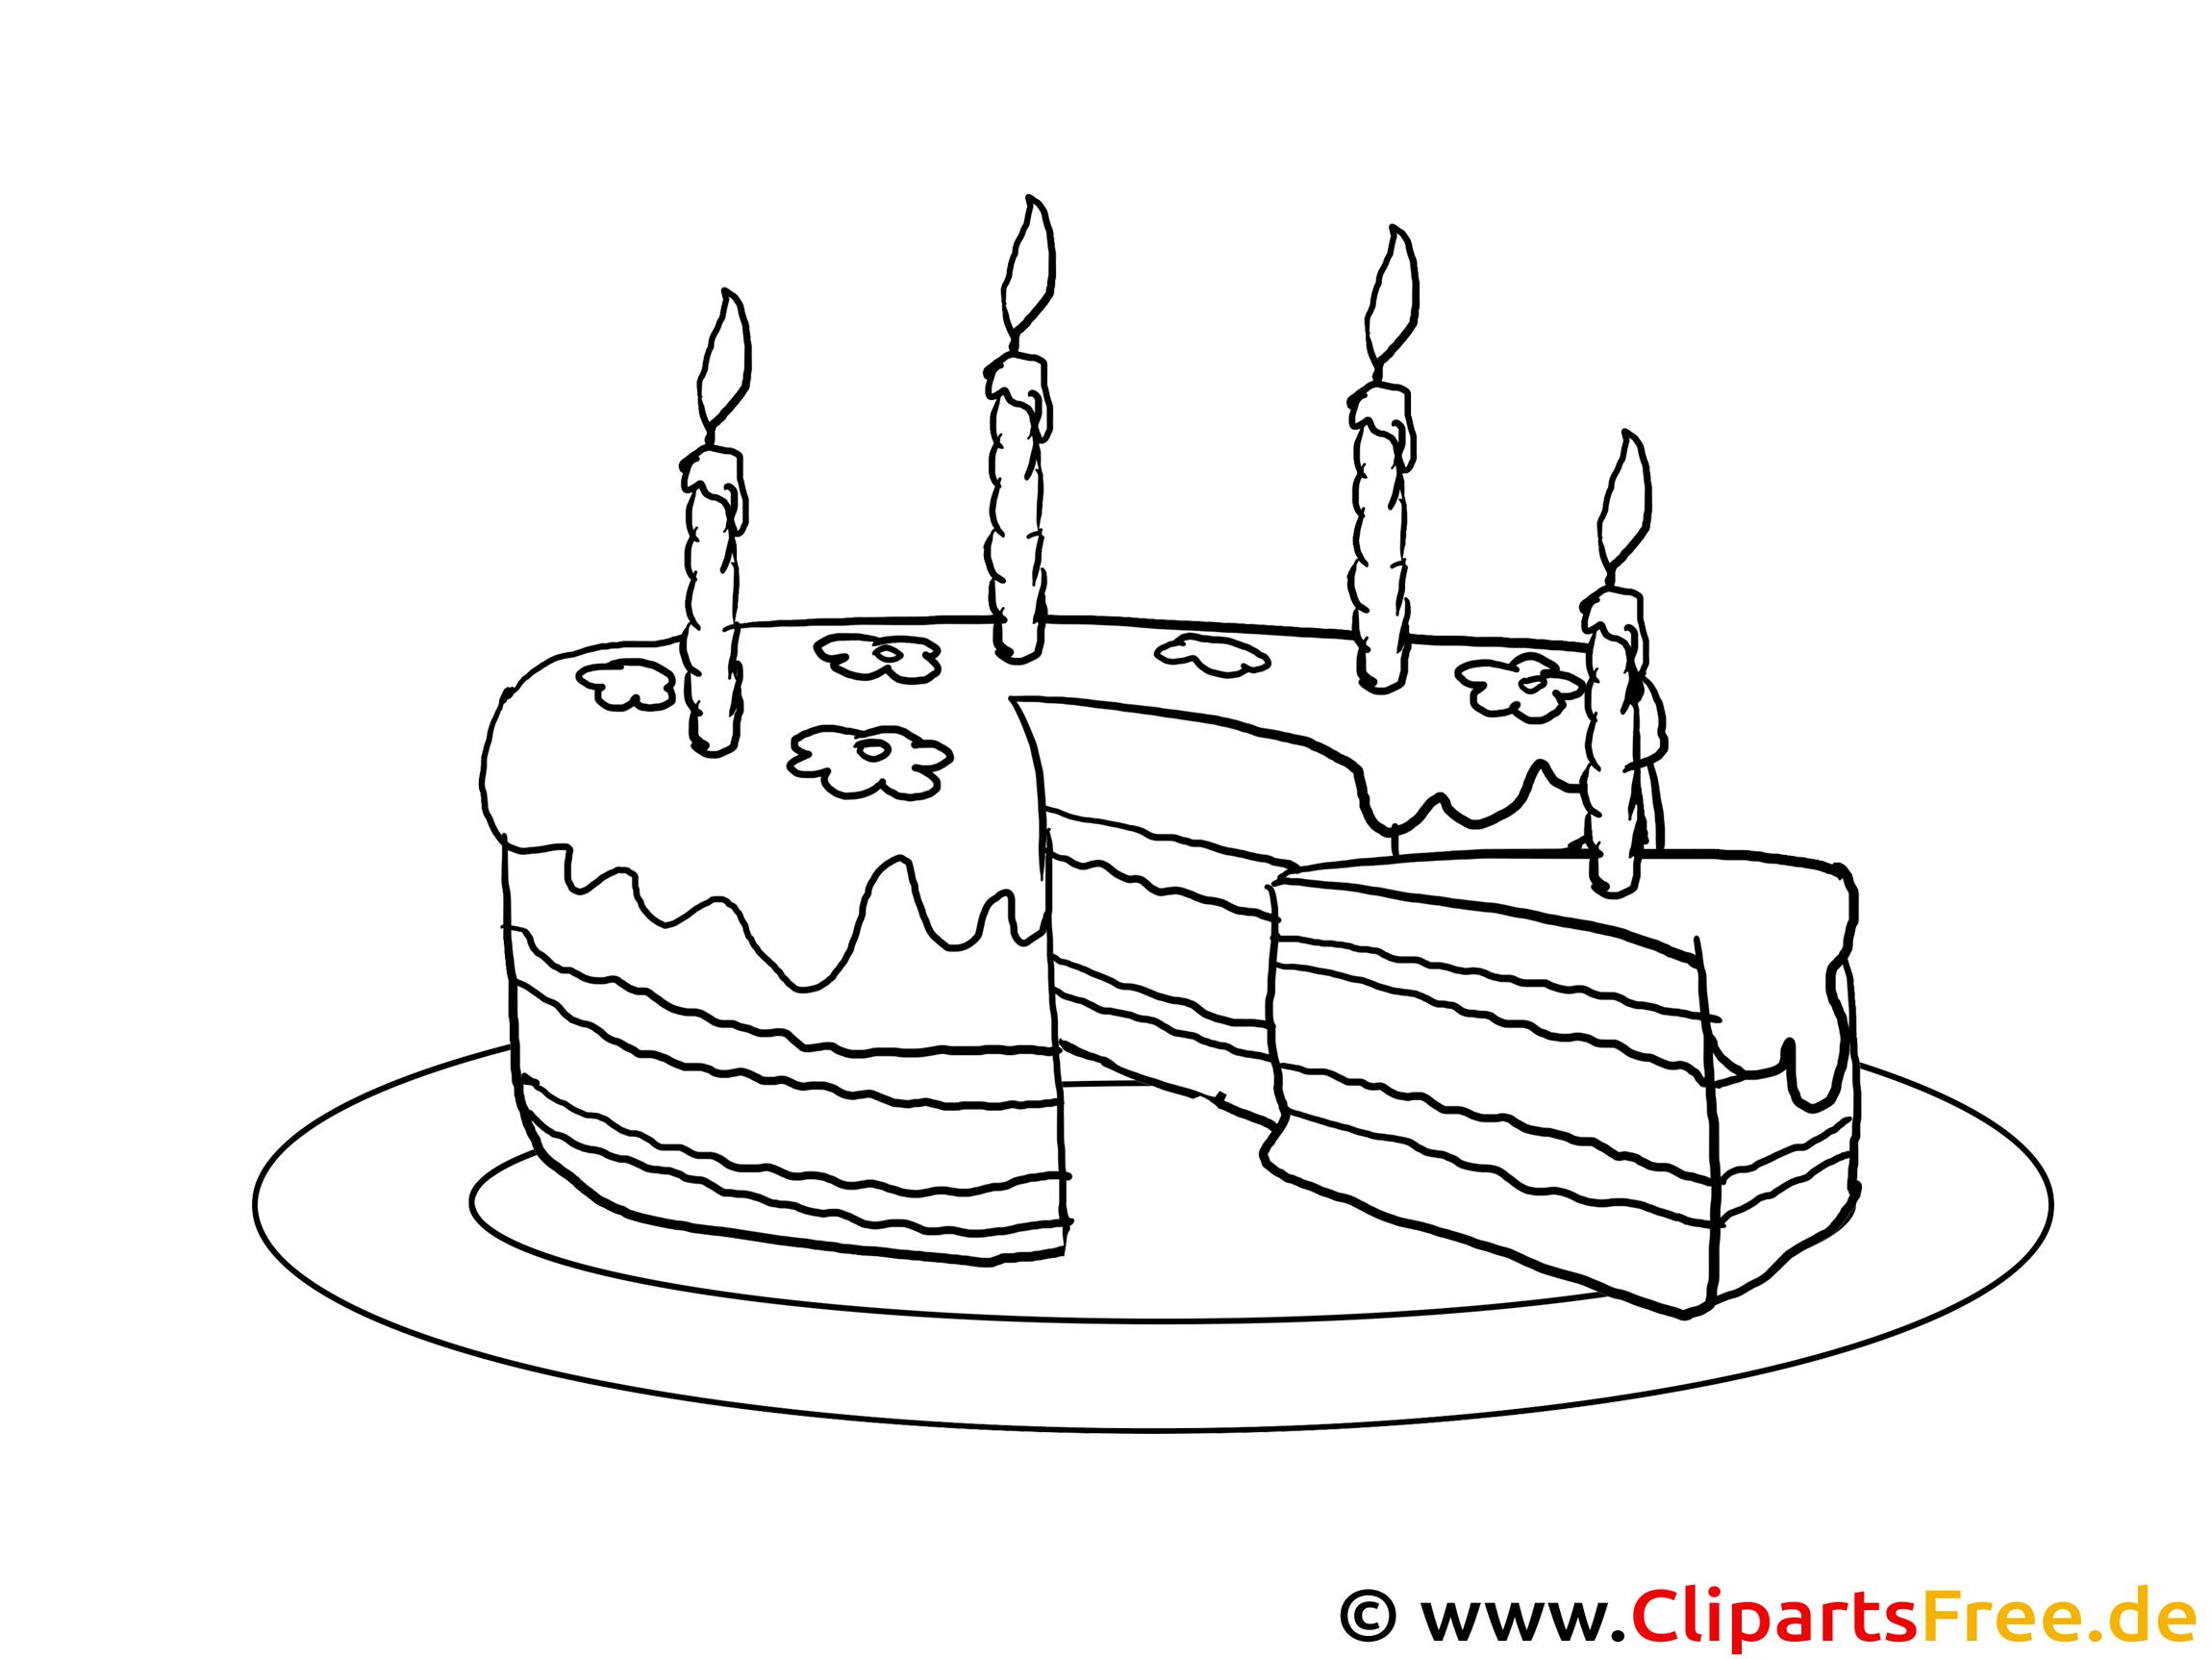 Bild zum Malen Geburtstagstorte